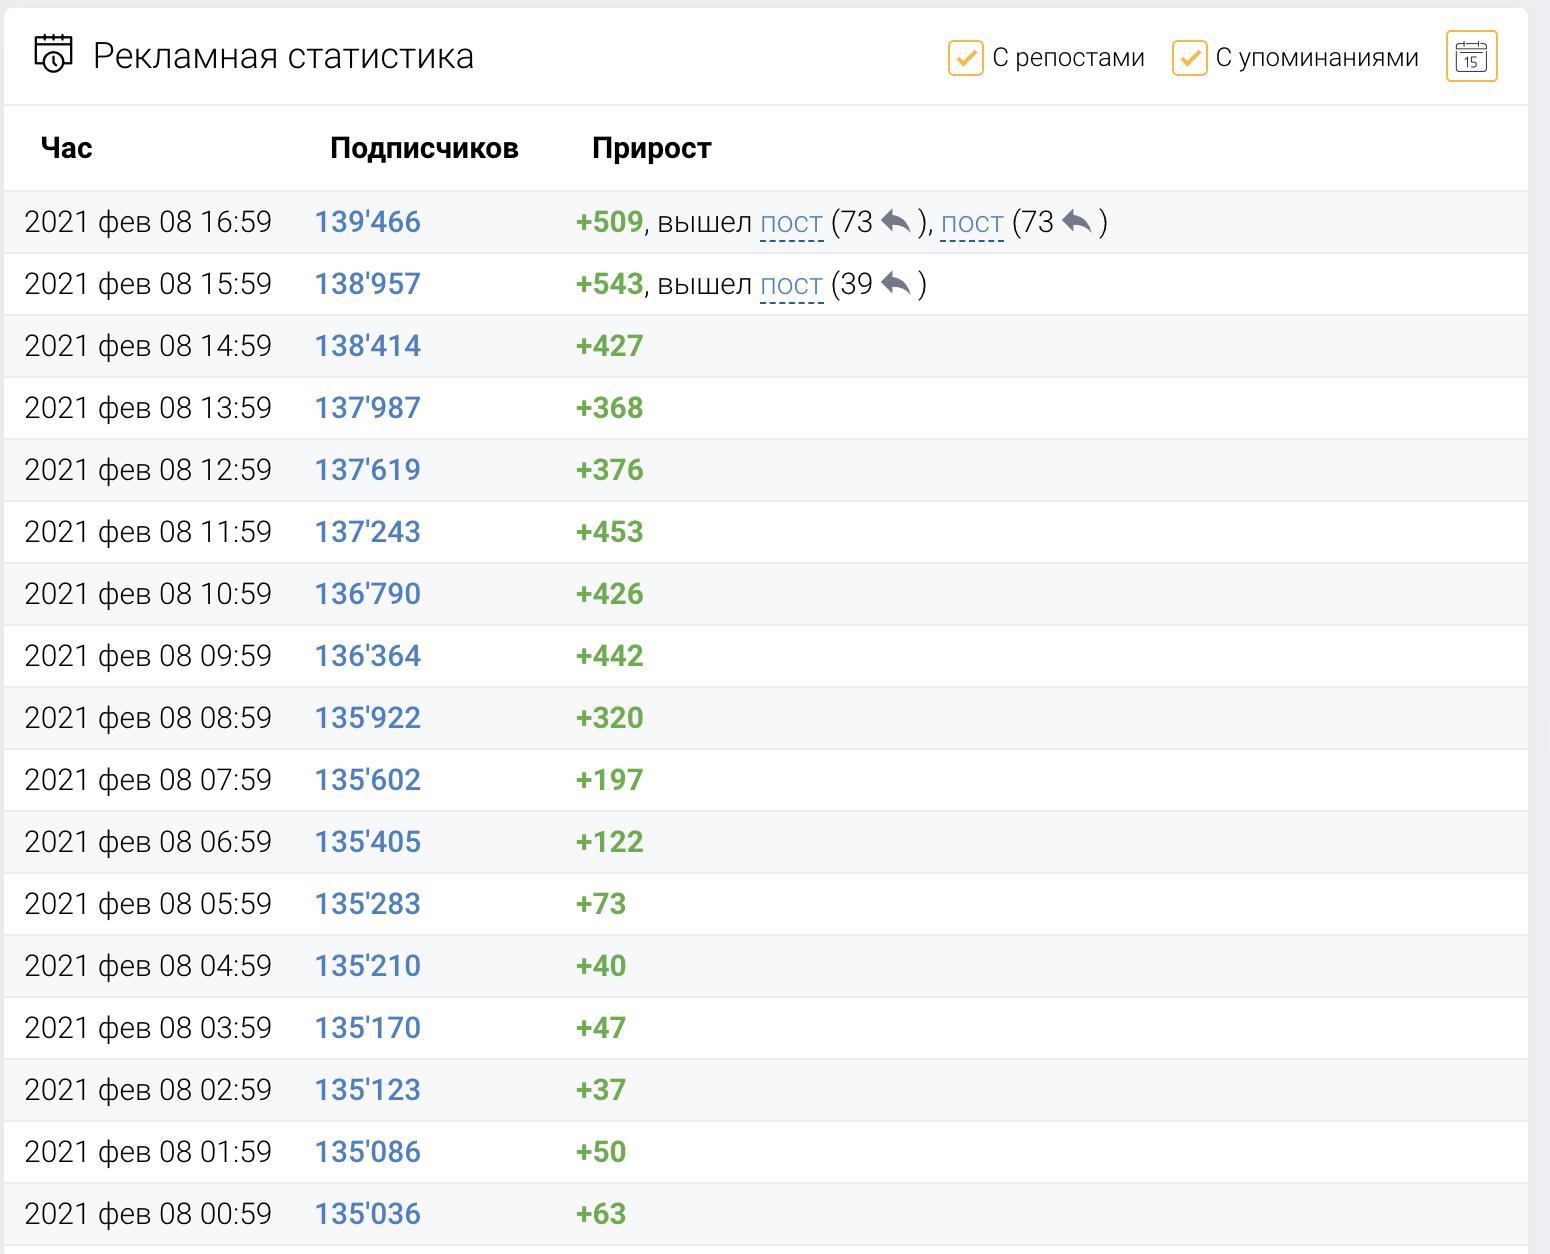 Як визначити накручені канали в Telegram 14